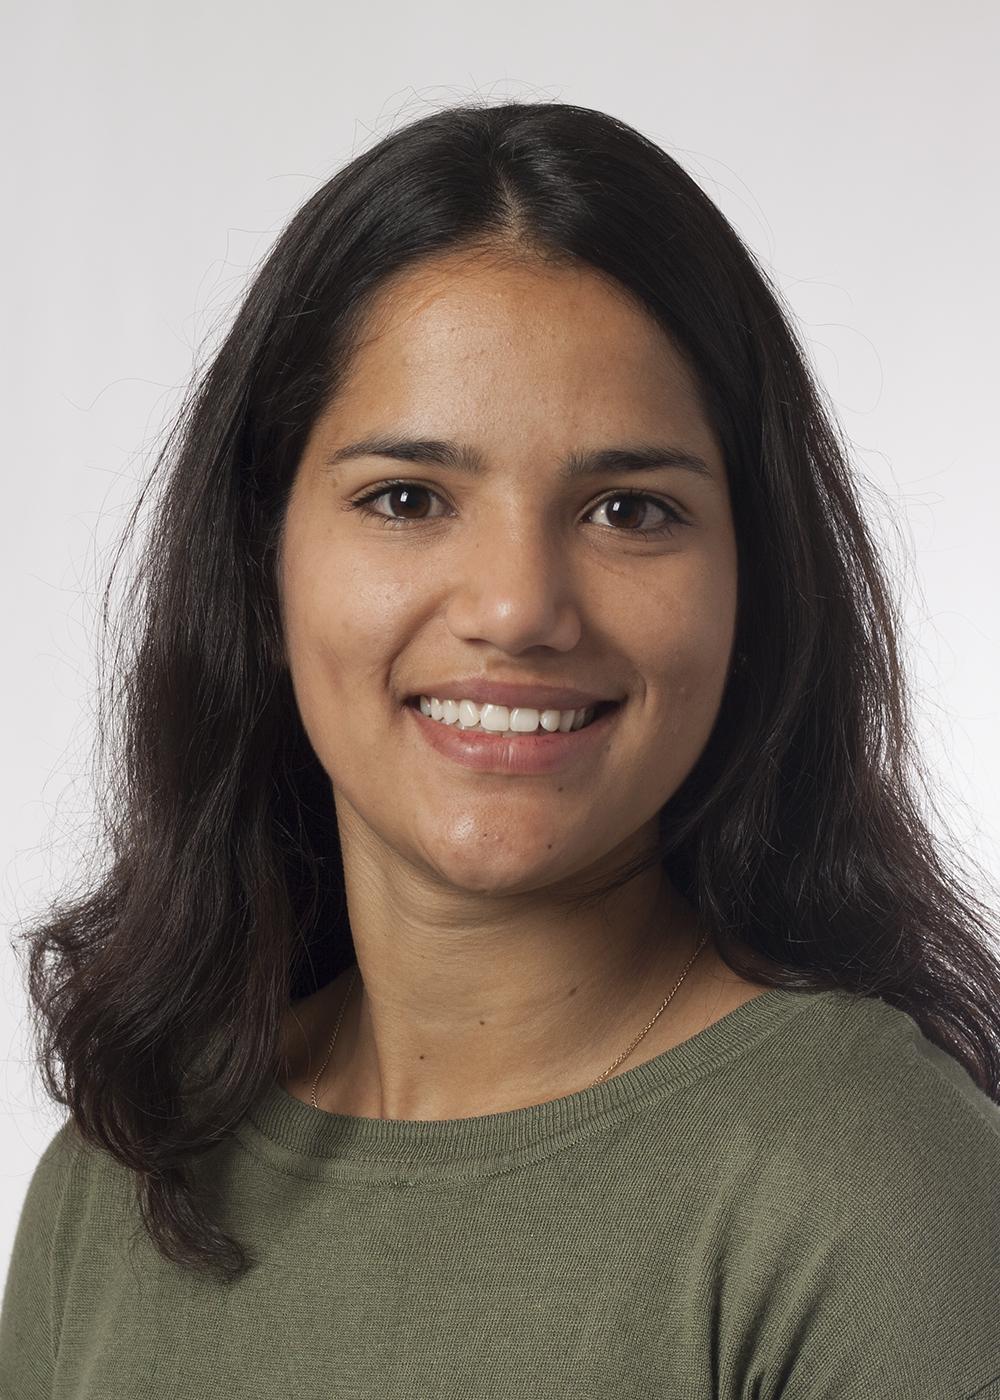 Maria Izabel Cavassim Alves